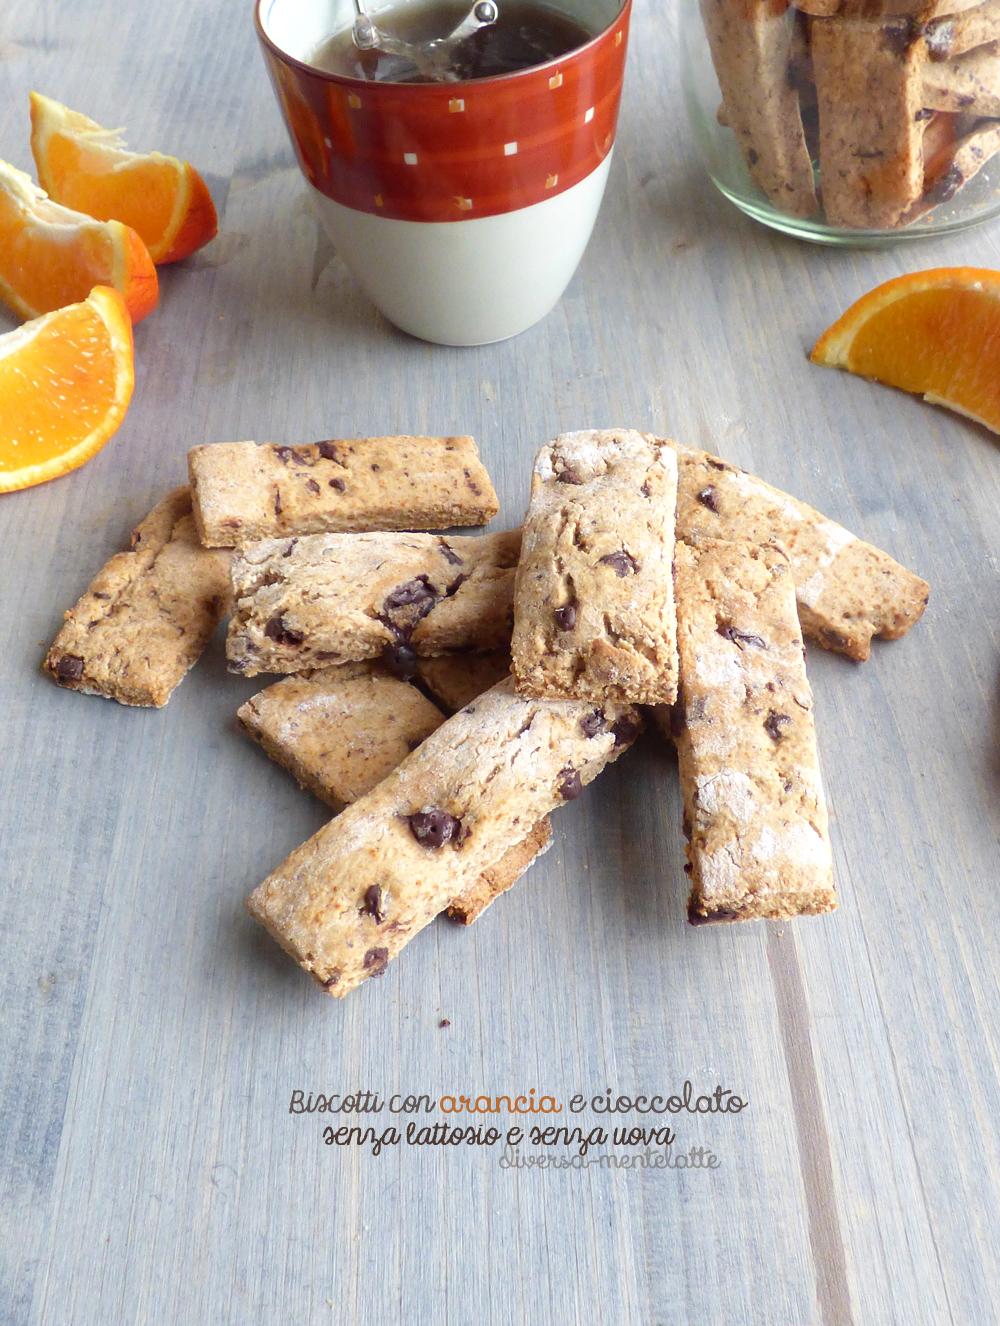 Biscotti con arancia e cooccolato senza lattosio